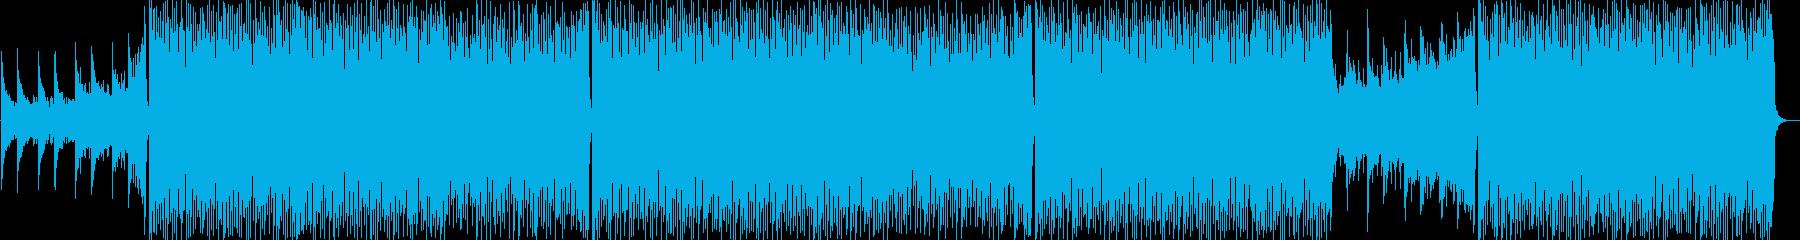 始まりの予感と希望のEDMの再生済みの波形